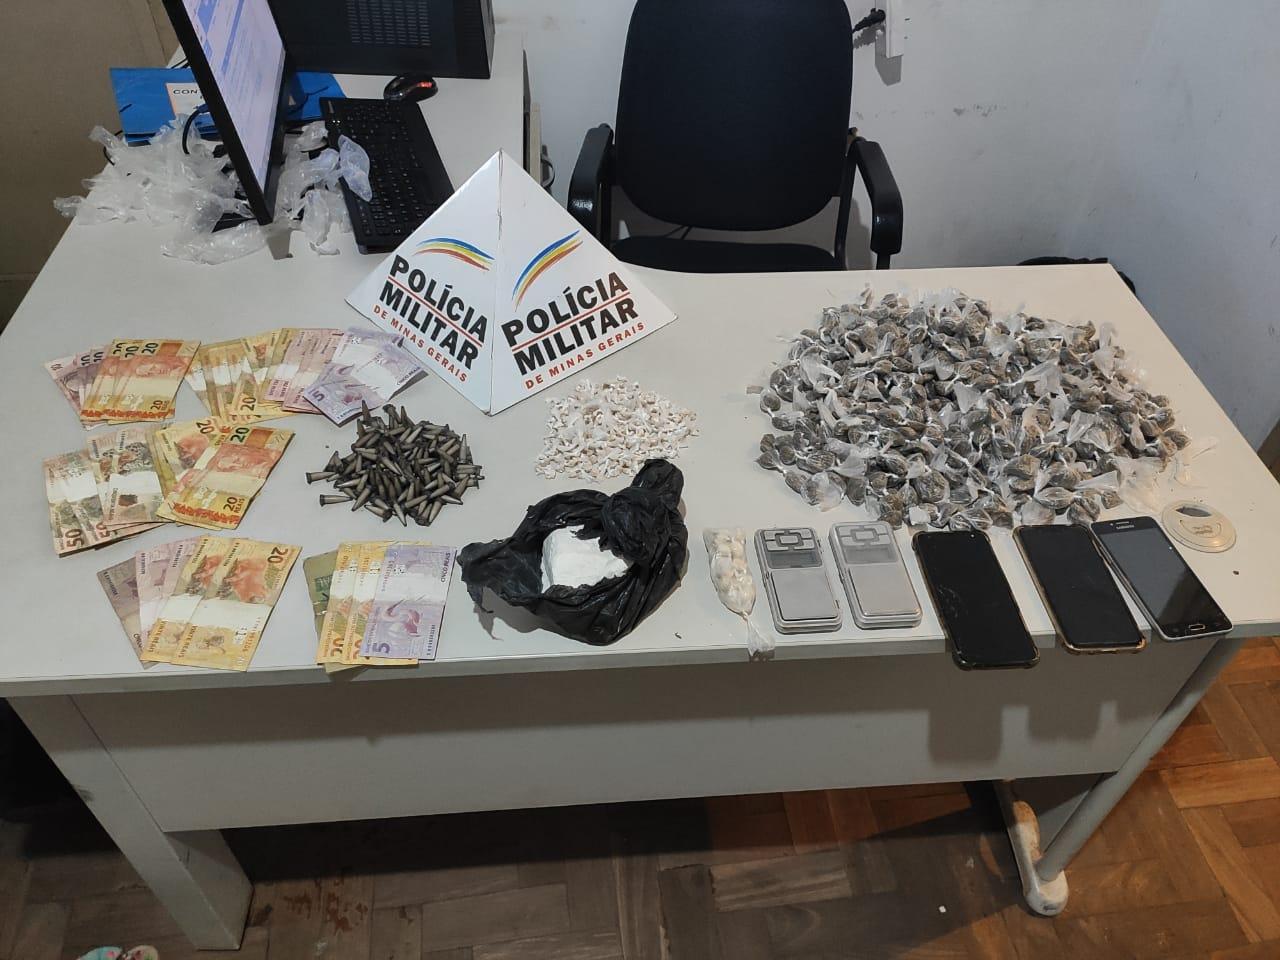 Grupo é detido e quase mil unidades de drogas são apreendidas em São Gonçalo